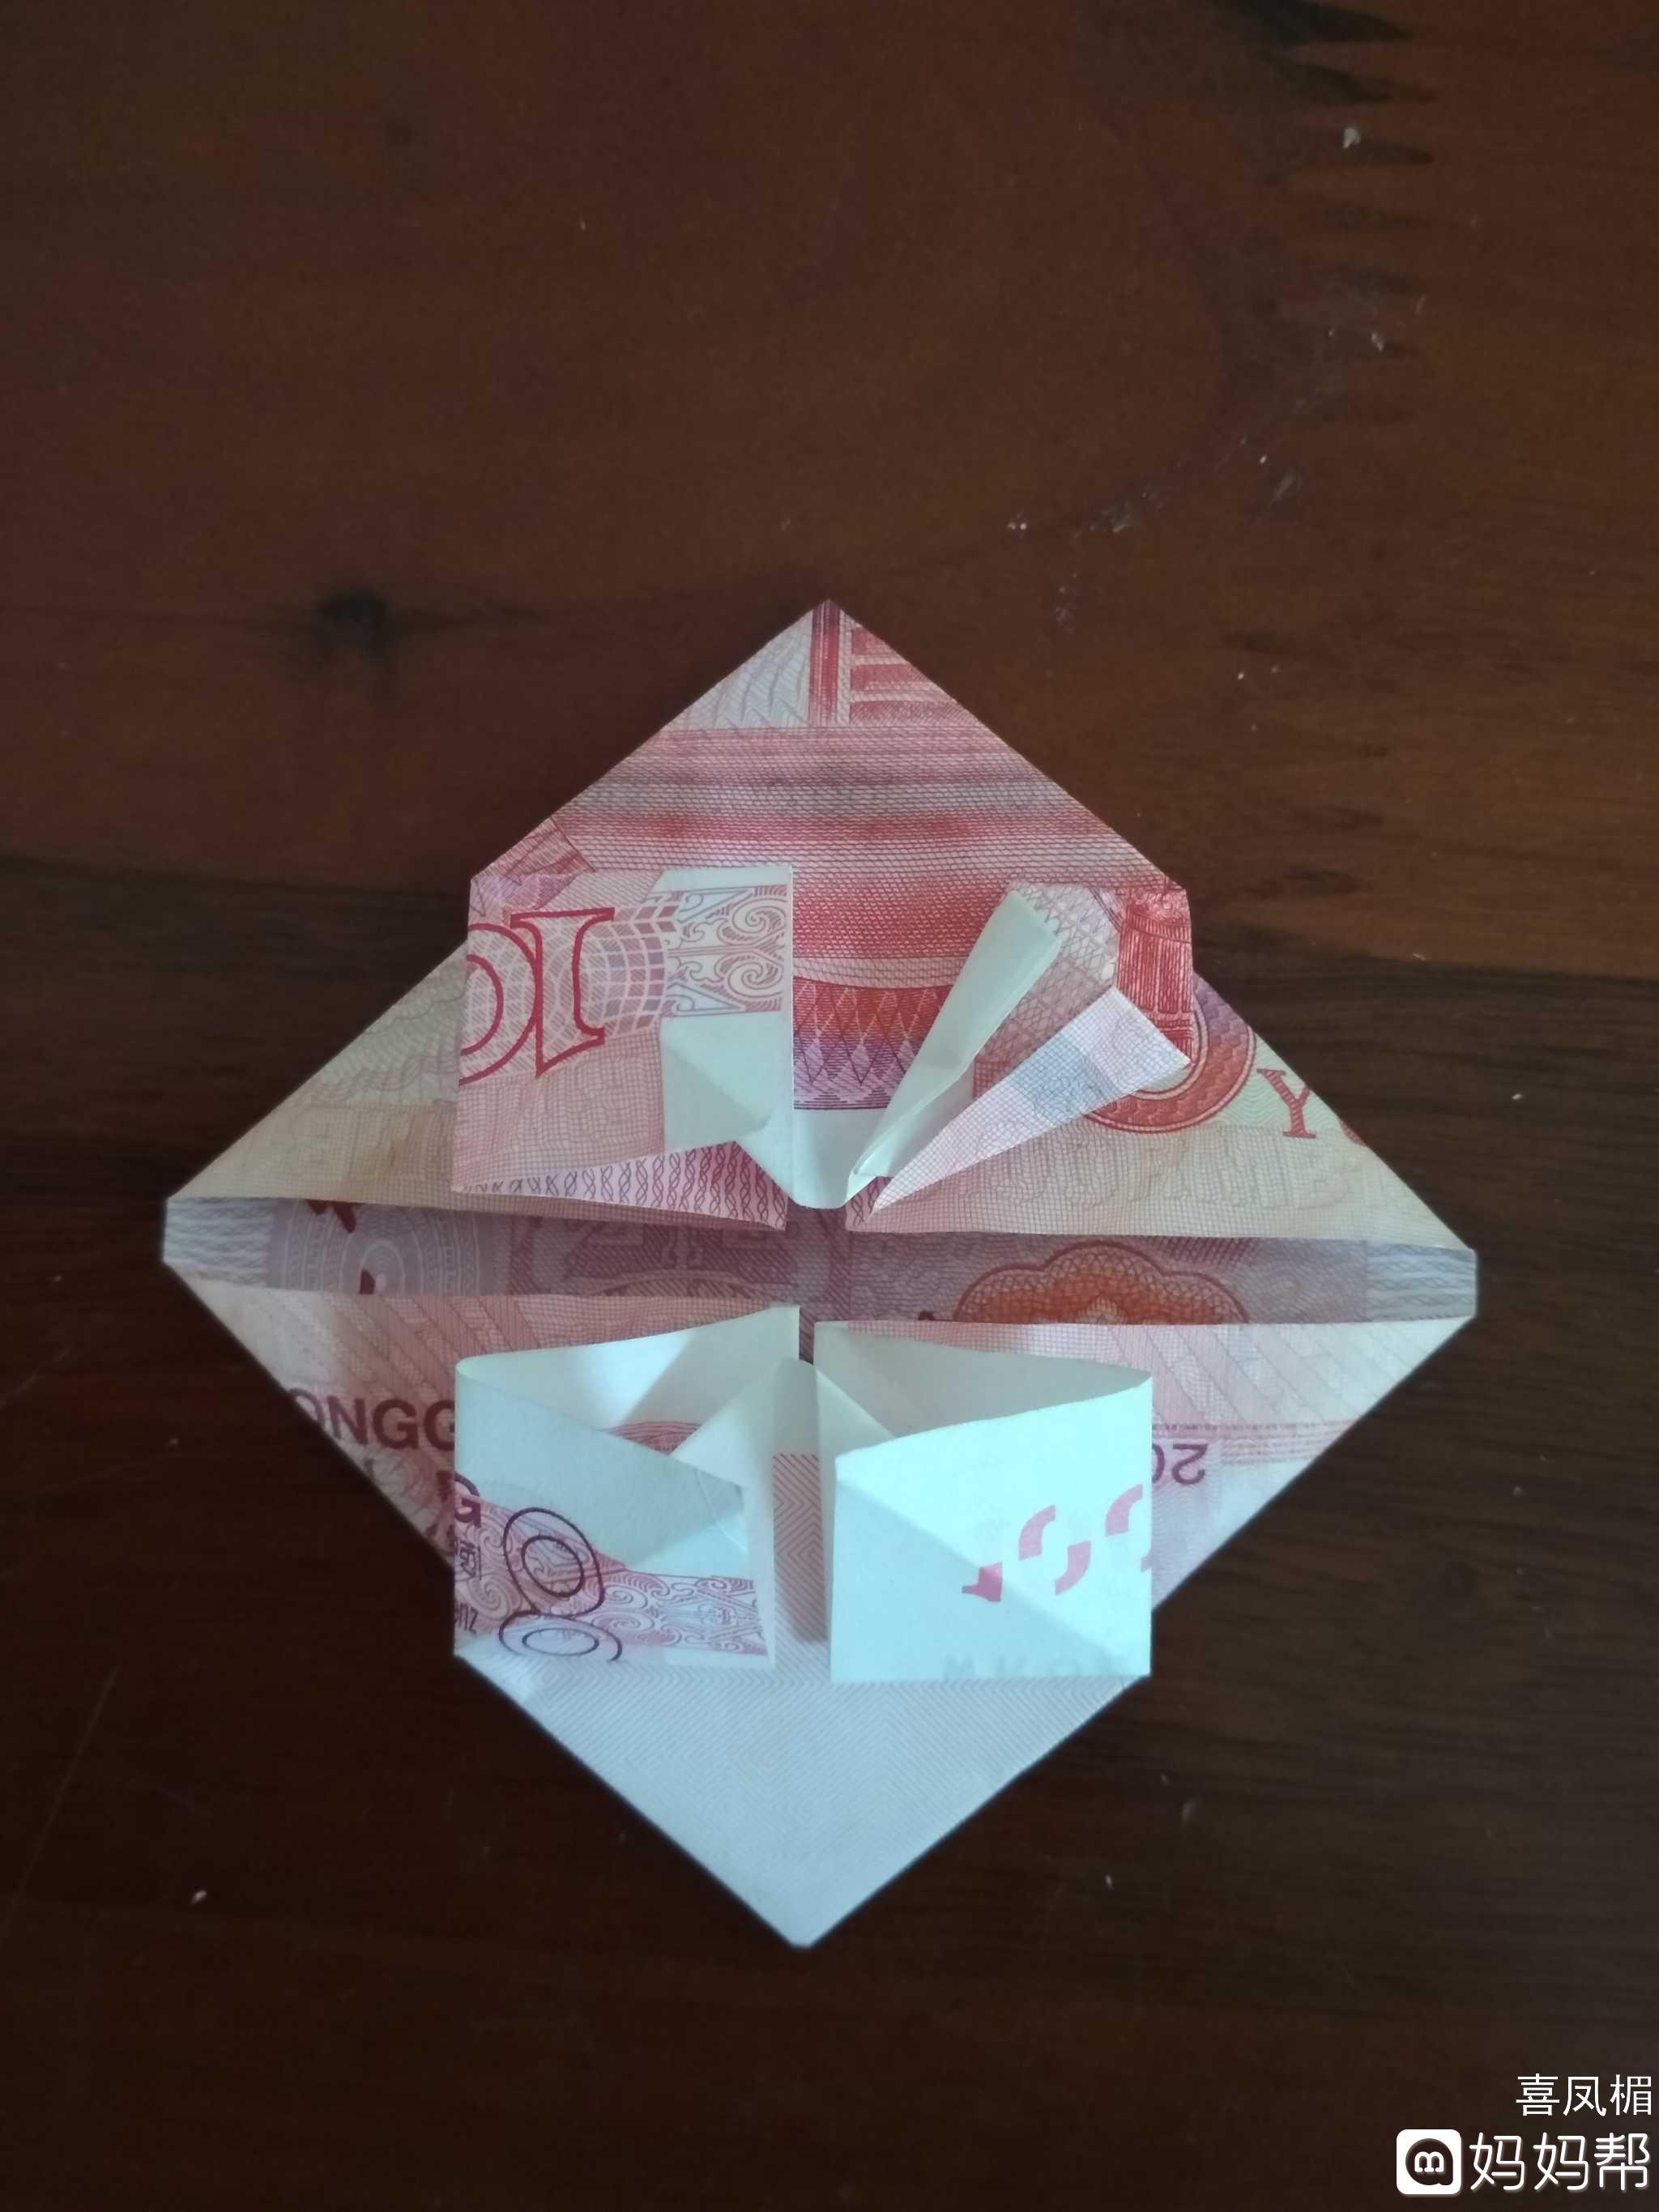 钱怎么折心 步骤图片